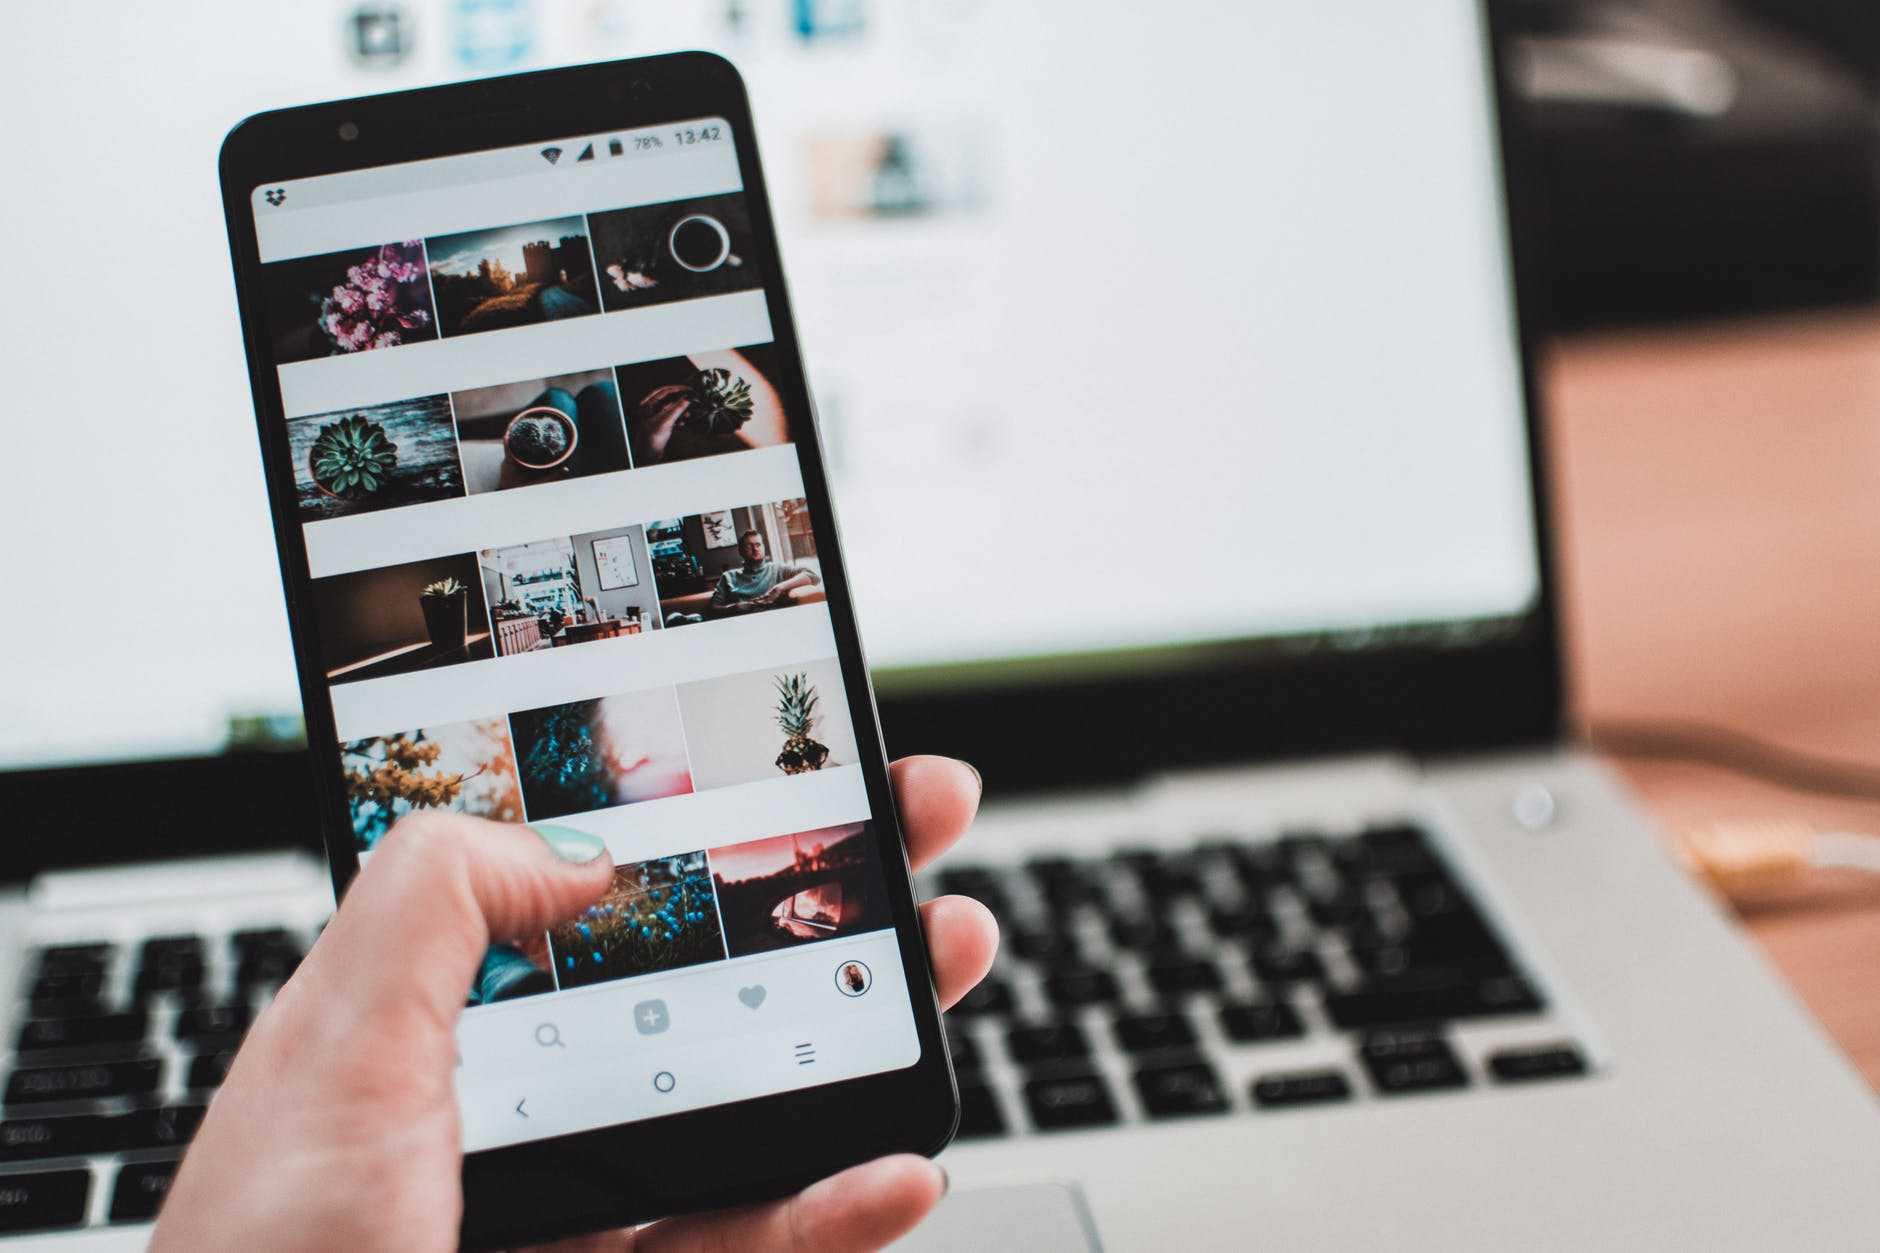 Cách tìm sản phẩm bằng hình ảnh trên Taobao qua điện thoại